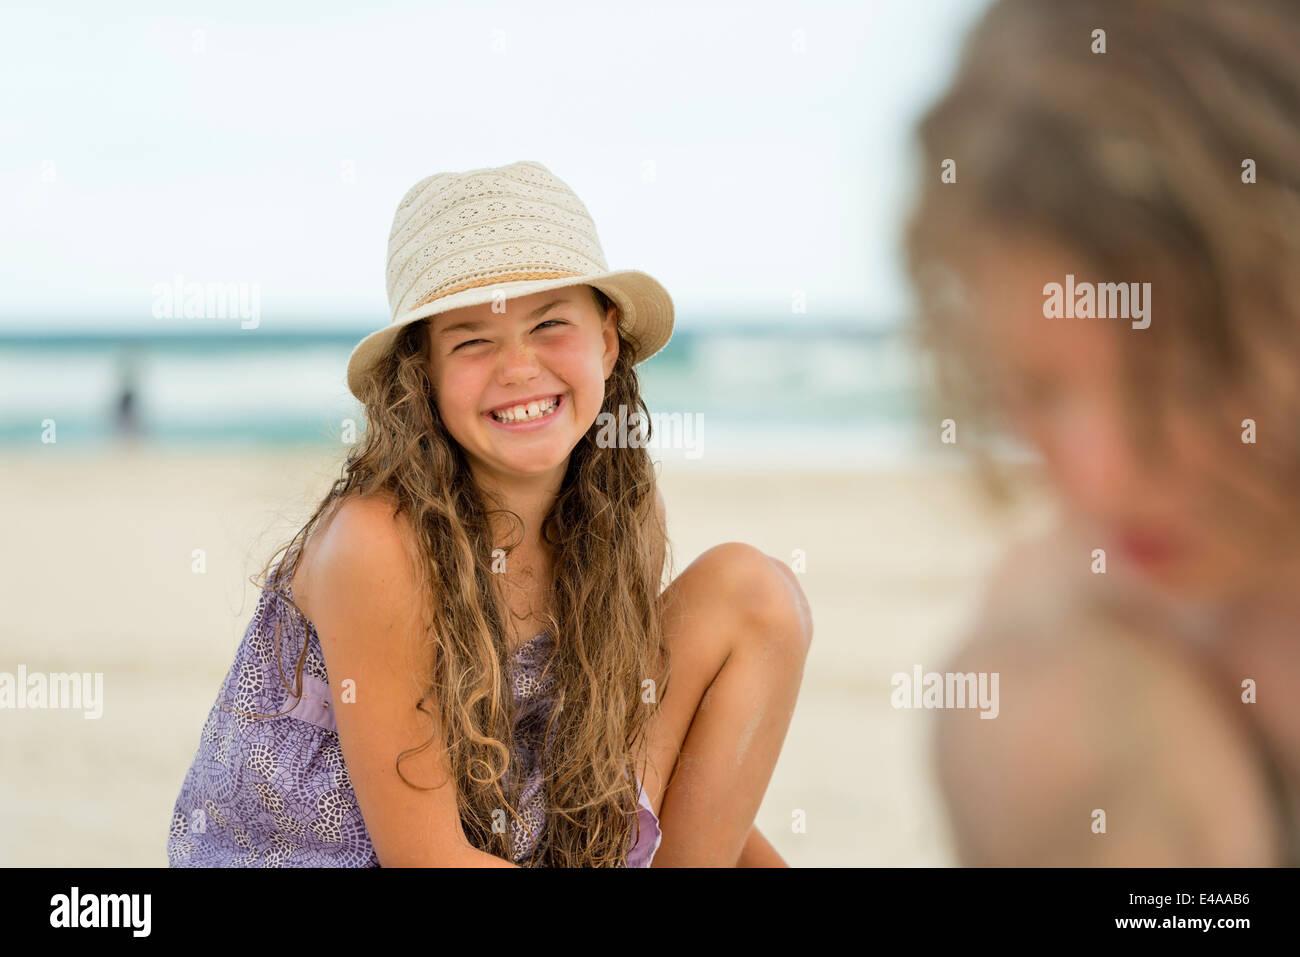 Australia, Nueva Gales del Sur, Pottsville, niño y niña jugando en la arena en la playa Imagen De Stock